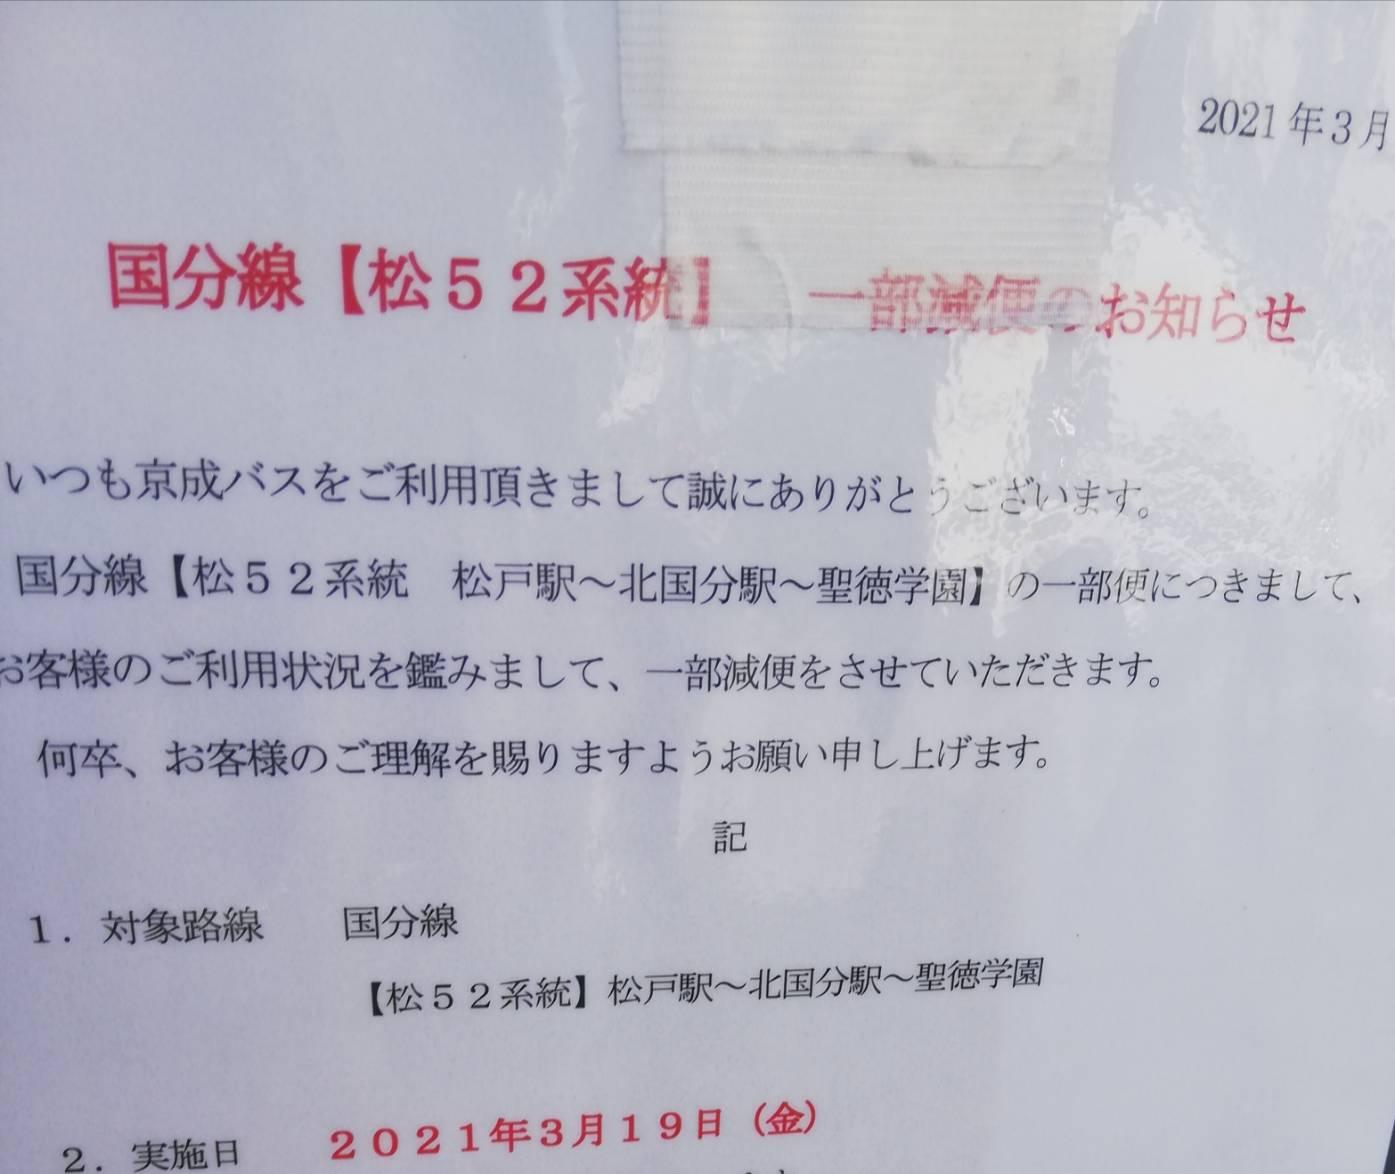 国分線京成バス一部減便松戸駅北国分聖徳学園